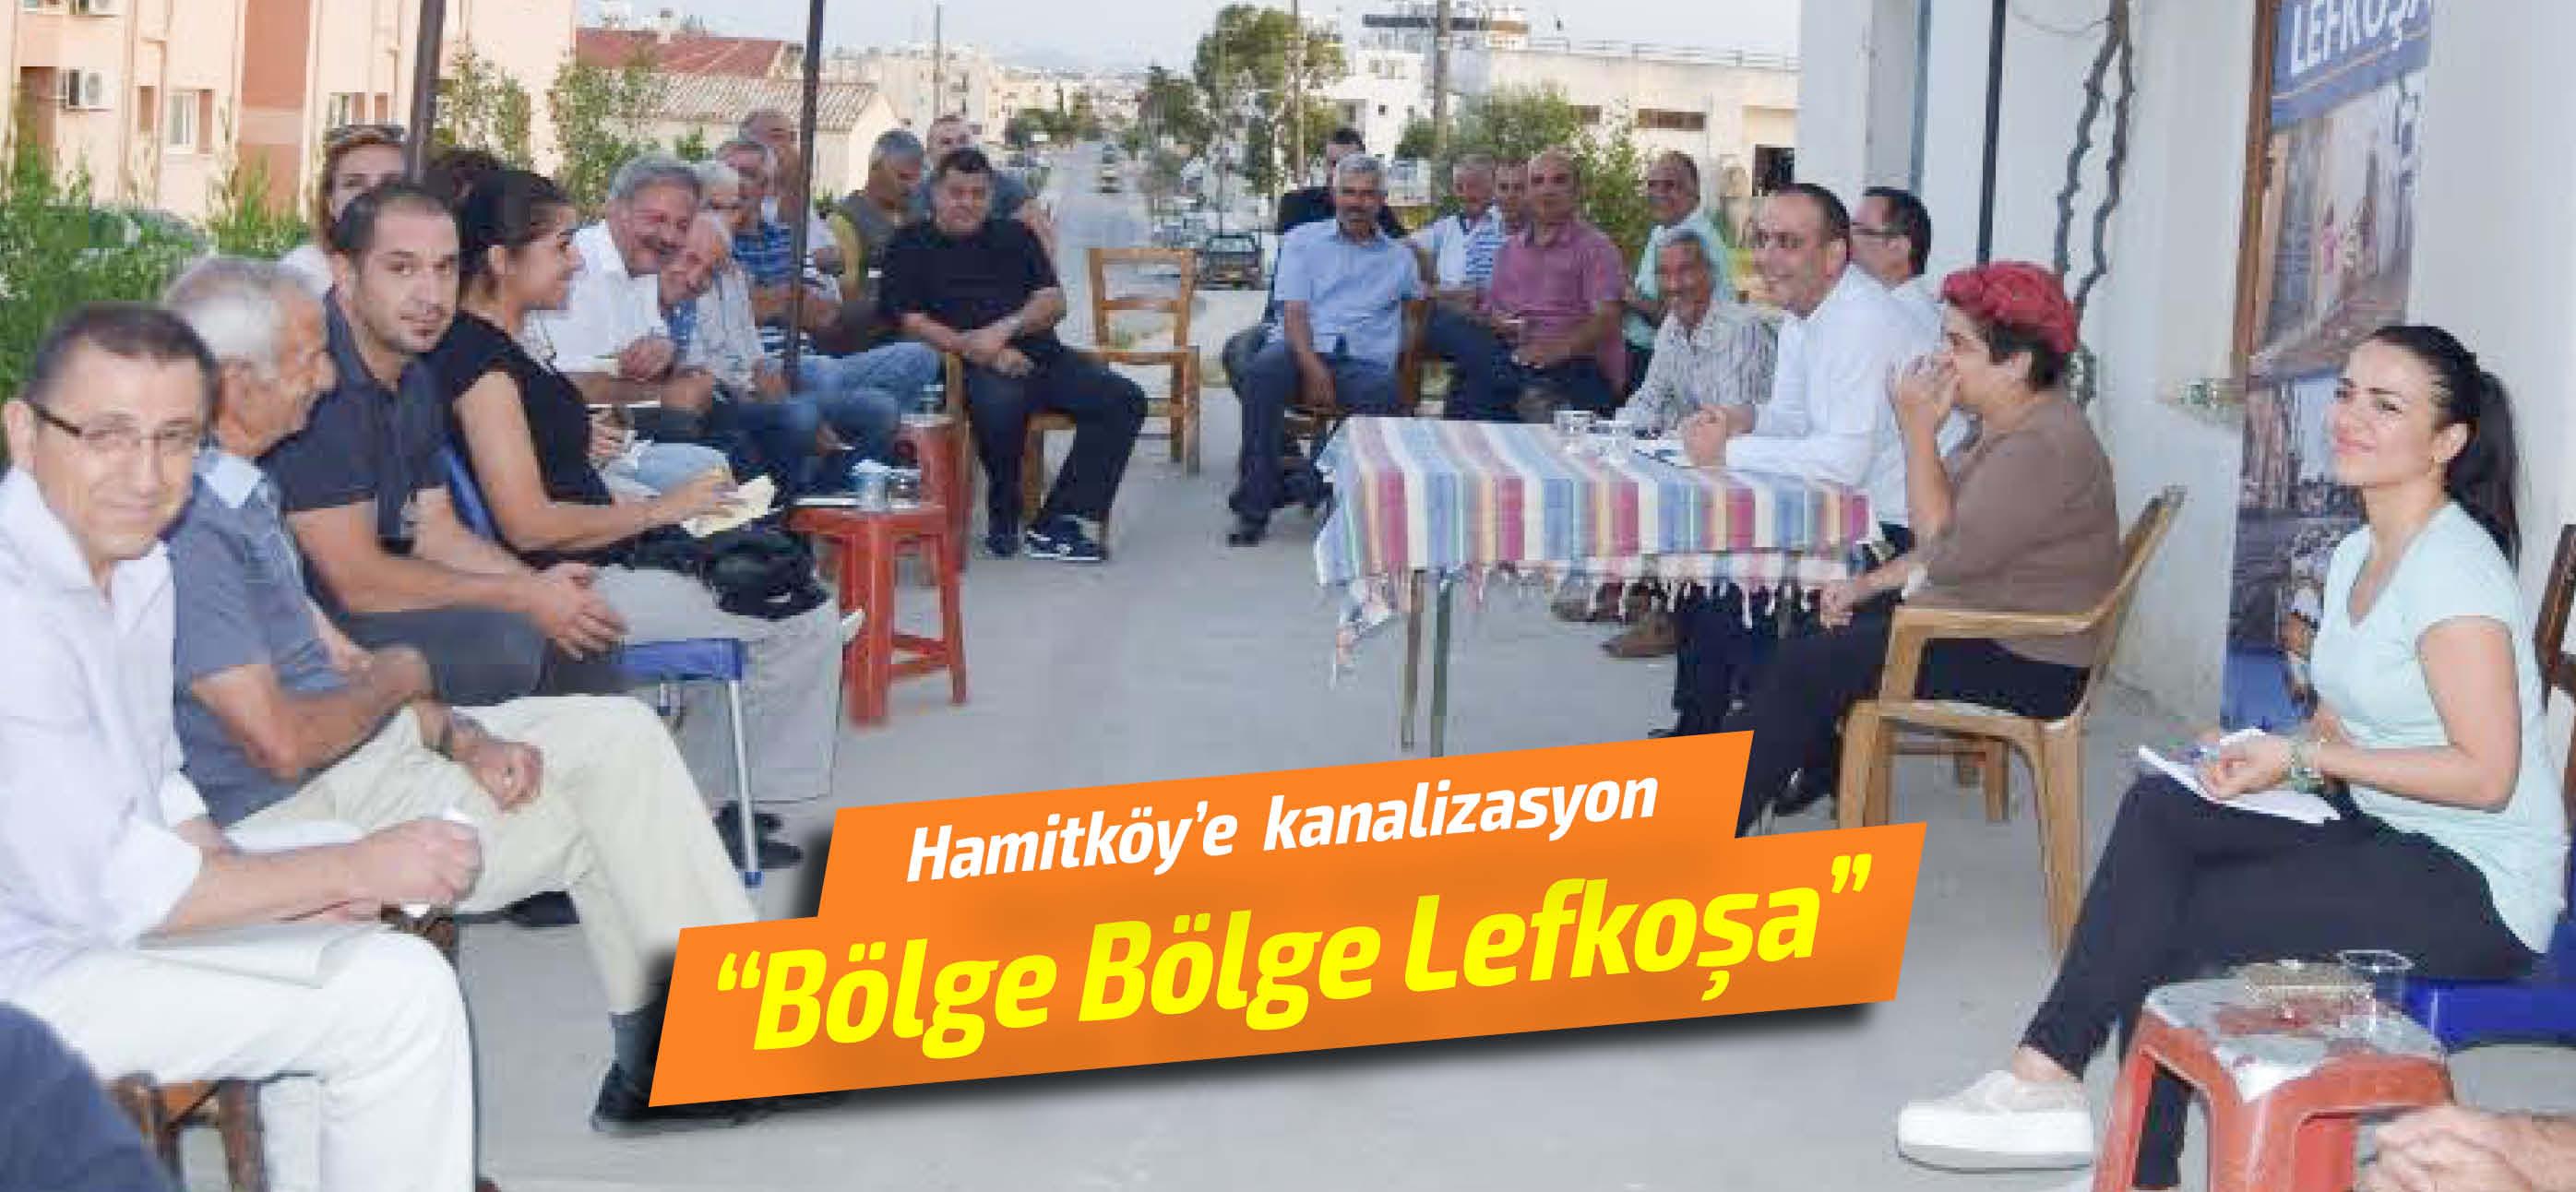 Hamitköy'de yeni kanalizasyon atağı